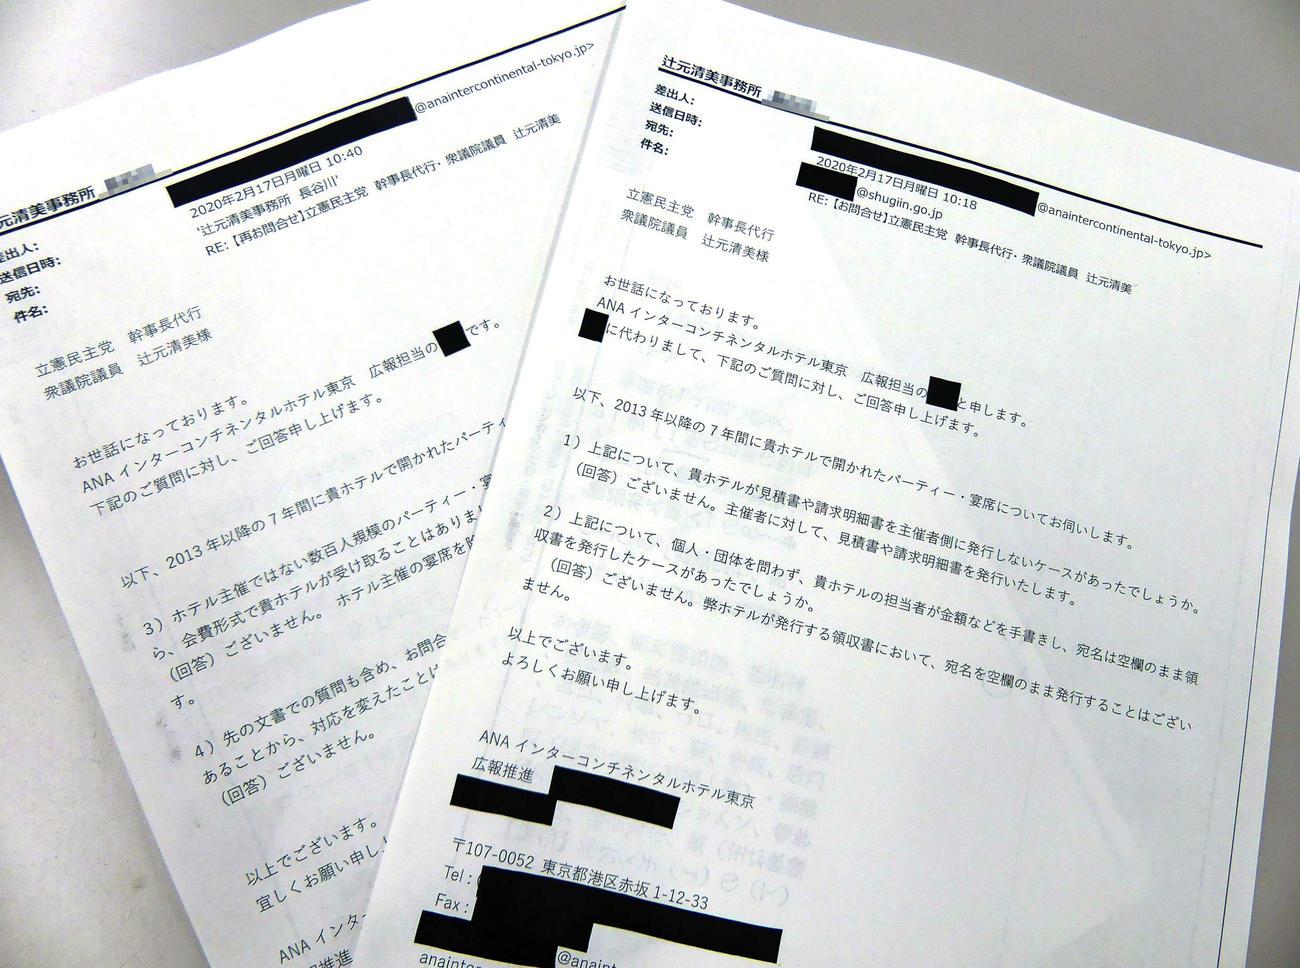 ANAインターコンチネンタルホテル東京から辻元清美氏に届いた回答メールのコピー